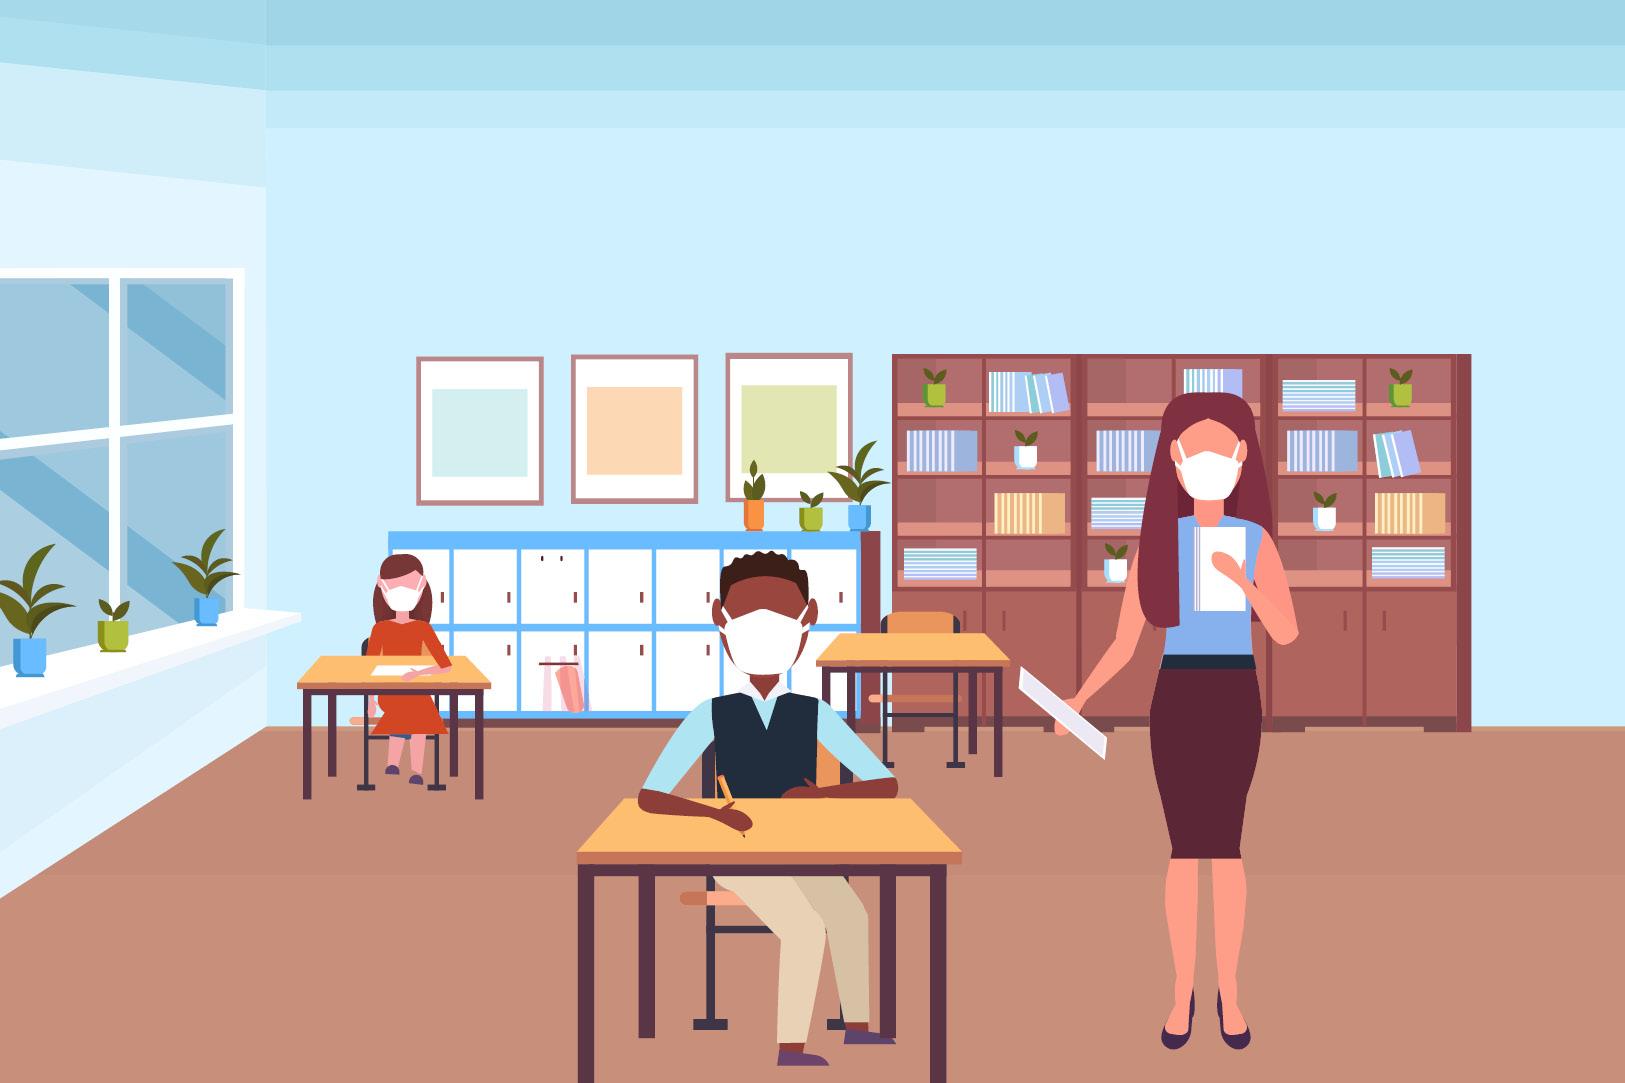 교실에 있는 학생과 교사 그림